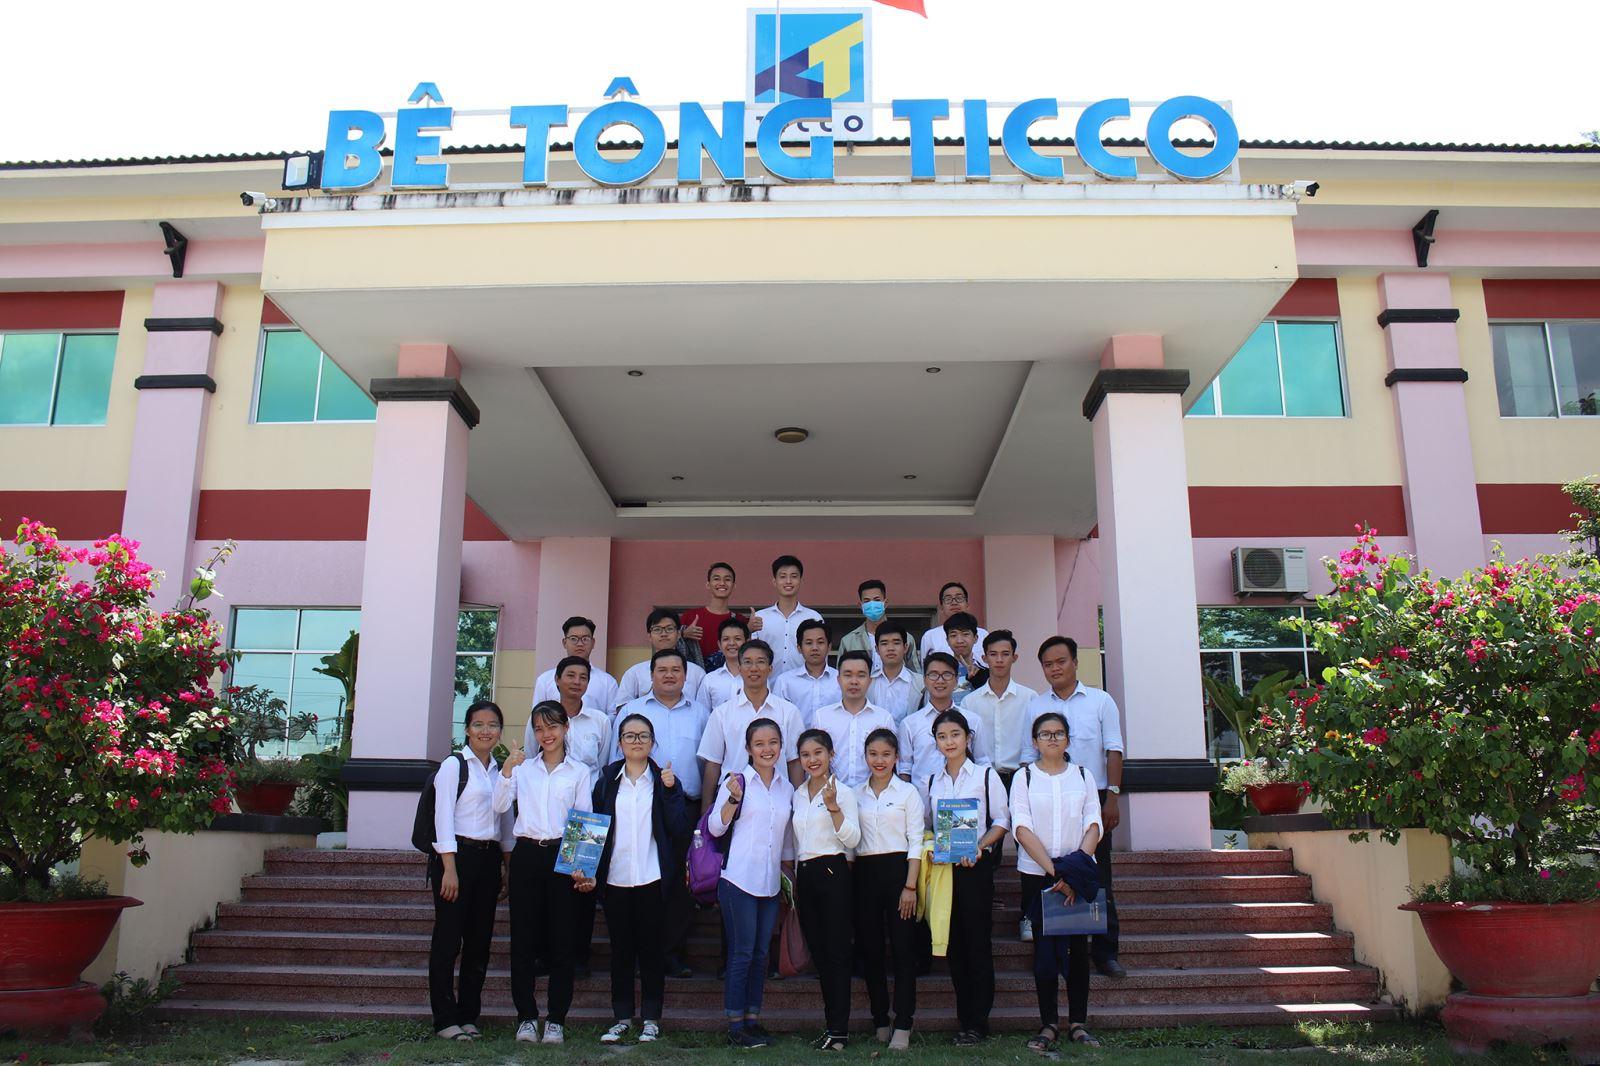 Sinh viên ngành Kỹ thuật xây dựng học tập ngoại khóa tại Công Ty bê tông TICCO